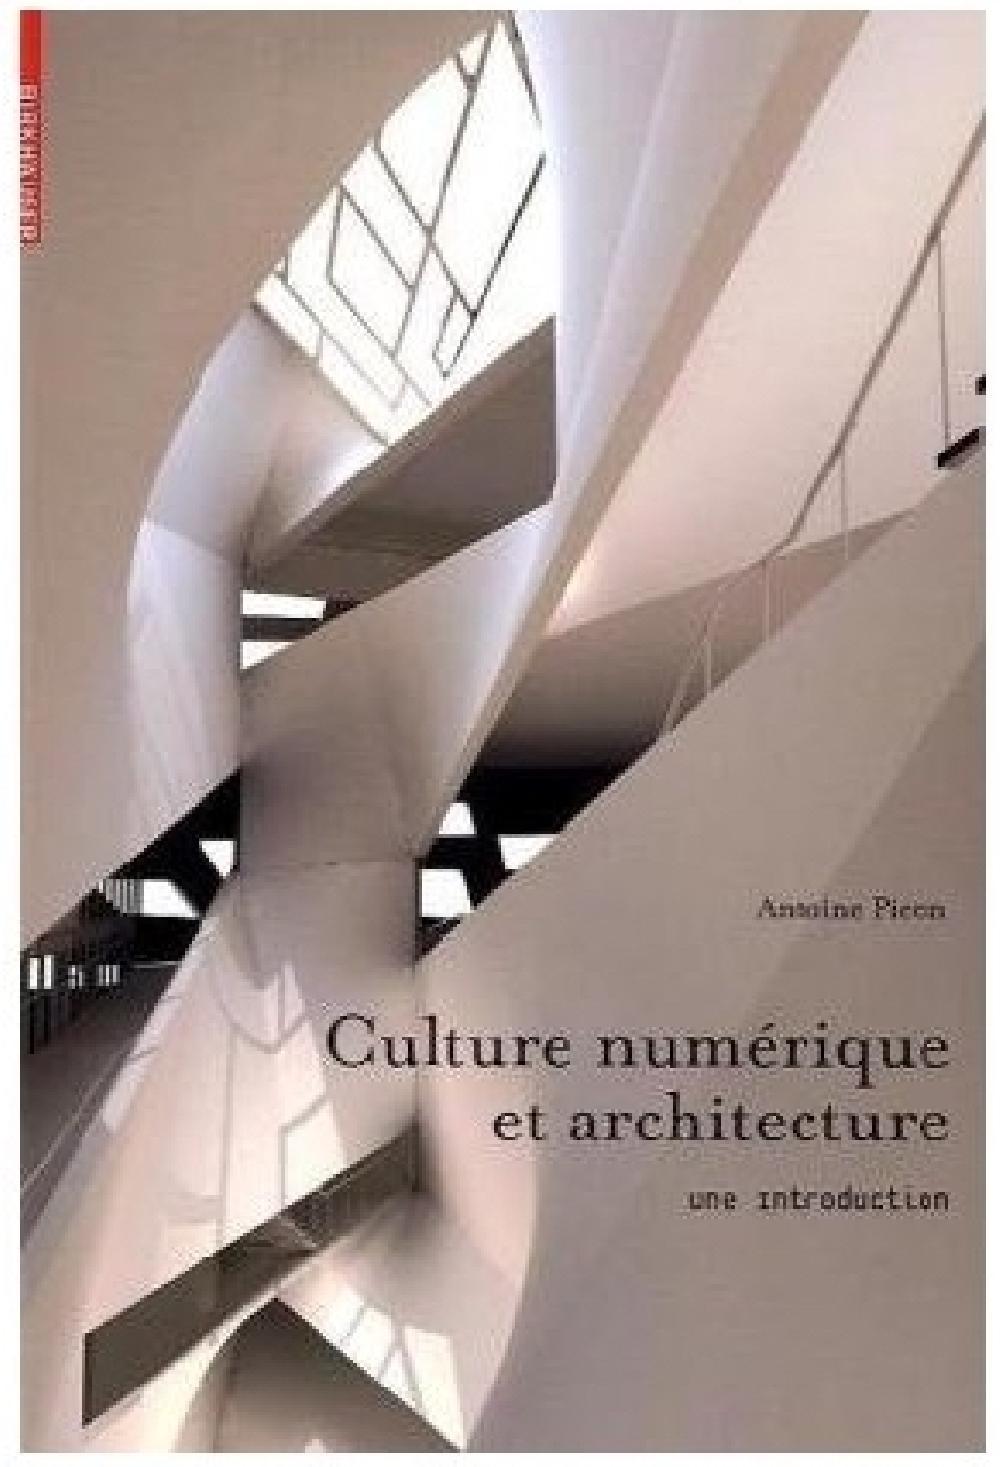 Une introduction à la culture numérique dans l'architecture